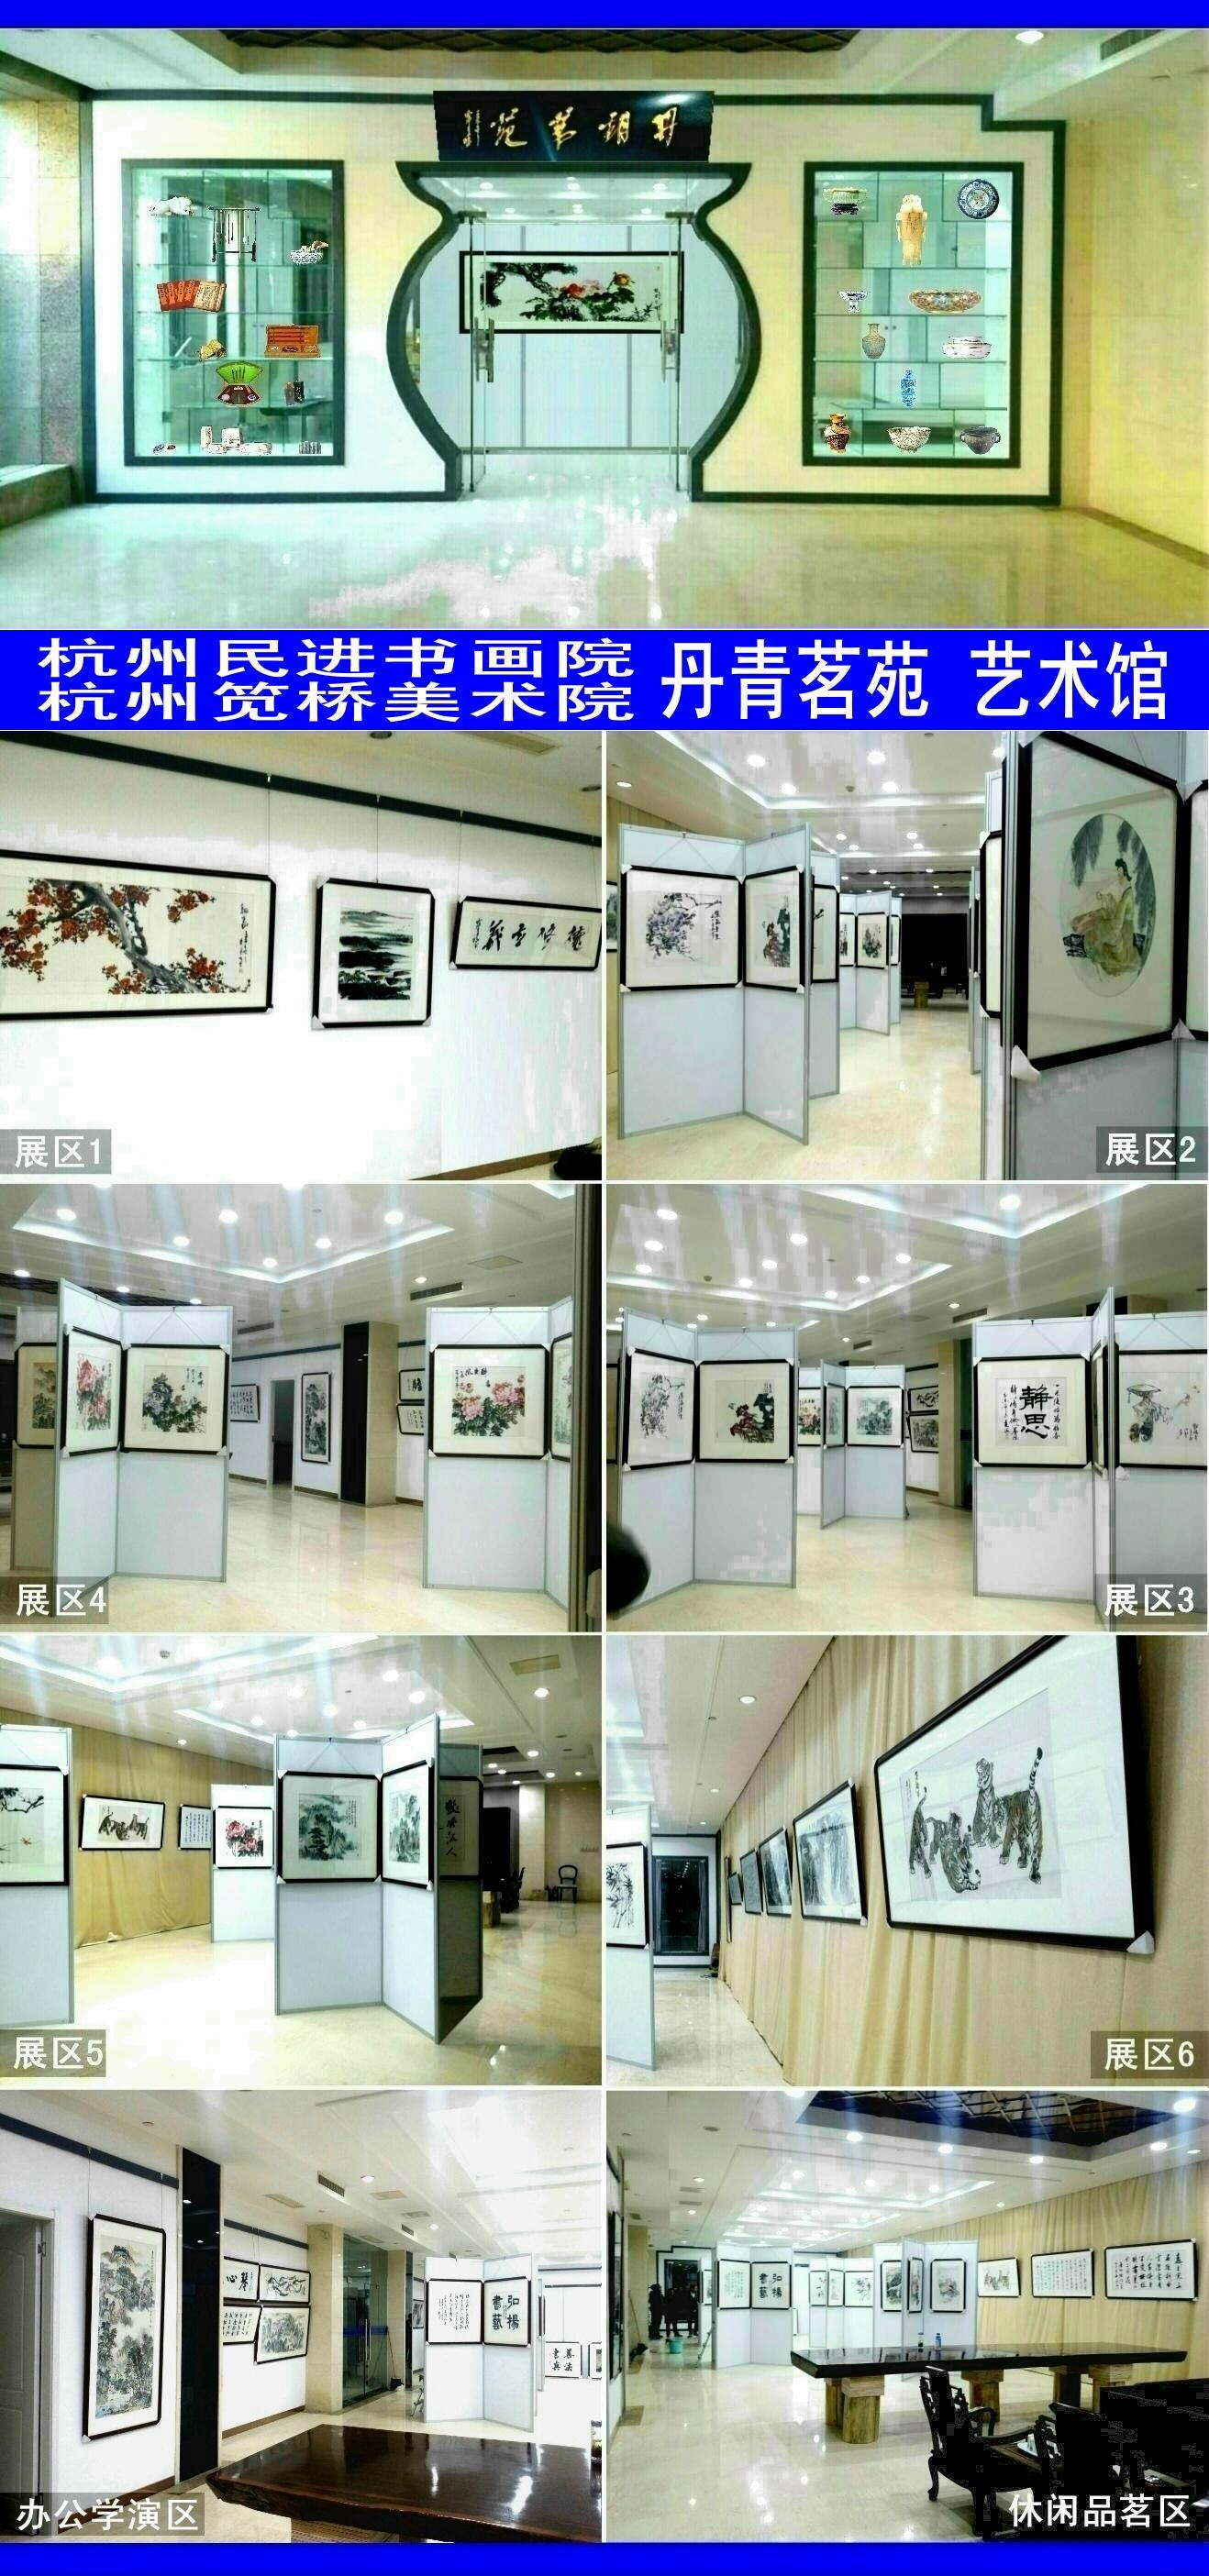 古都杭城又一家多功能艺术馆在市区笕桥古镇落成开放